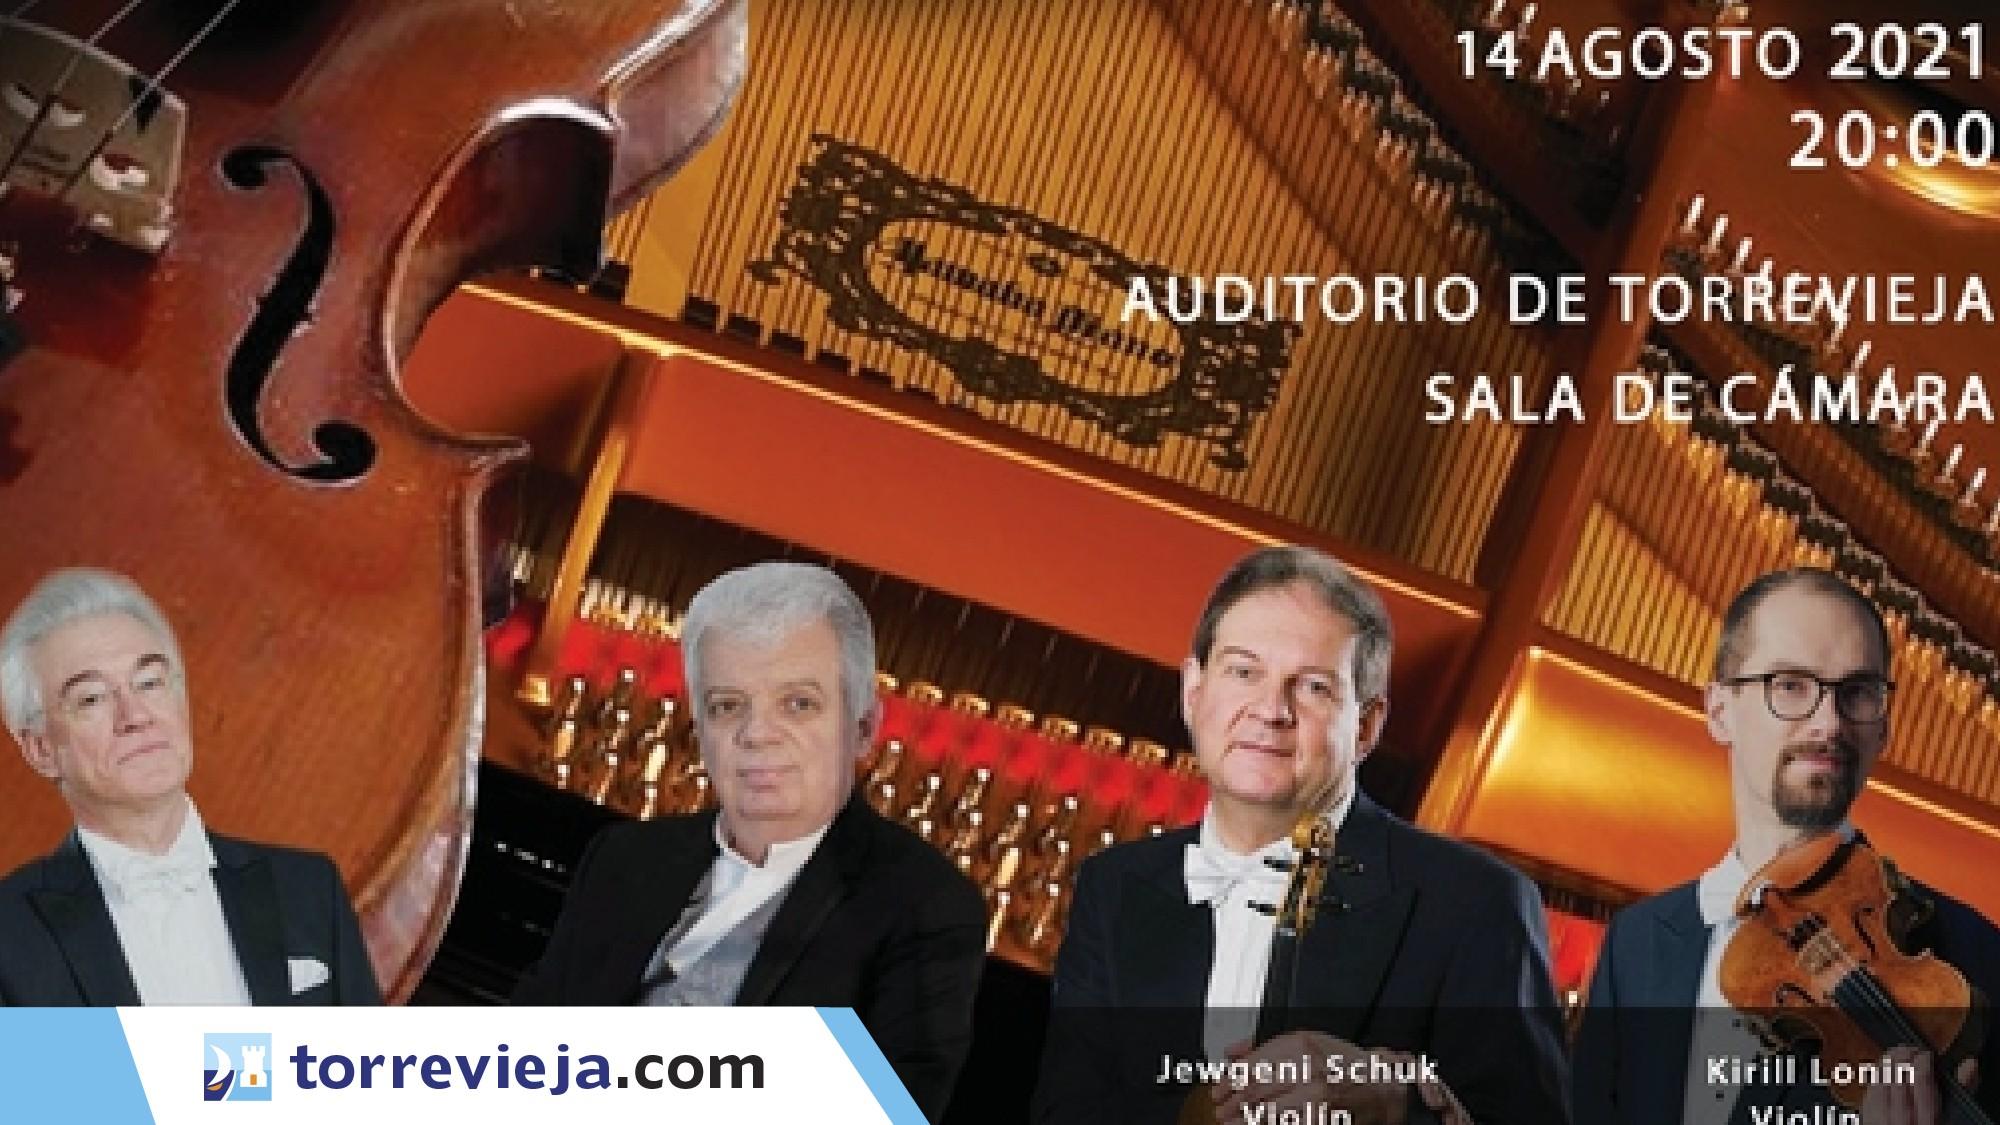 sol music festival torrevieja 2021 1